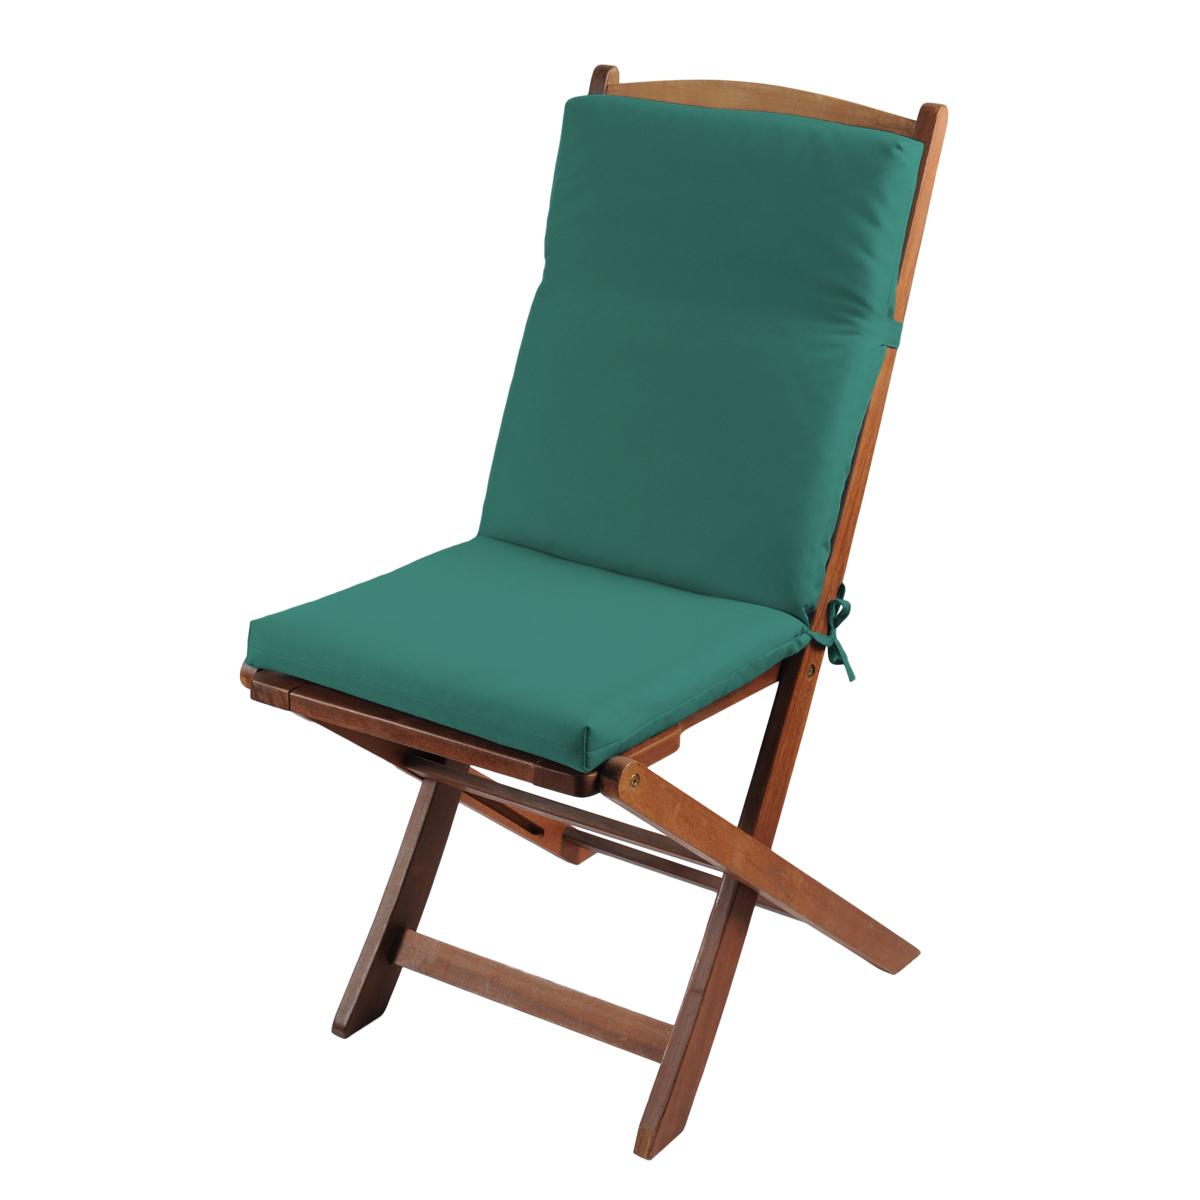 Coussin de fauteuil outdoor coloré - Vert - 40 x 90 cm